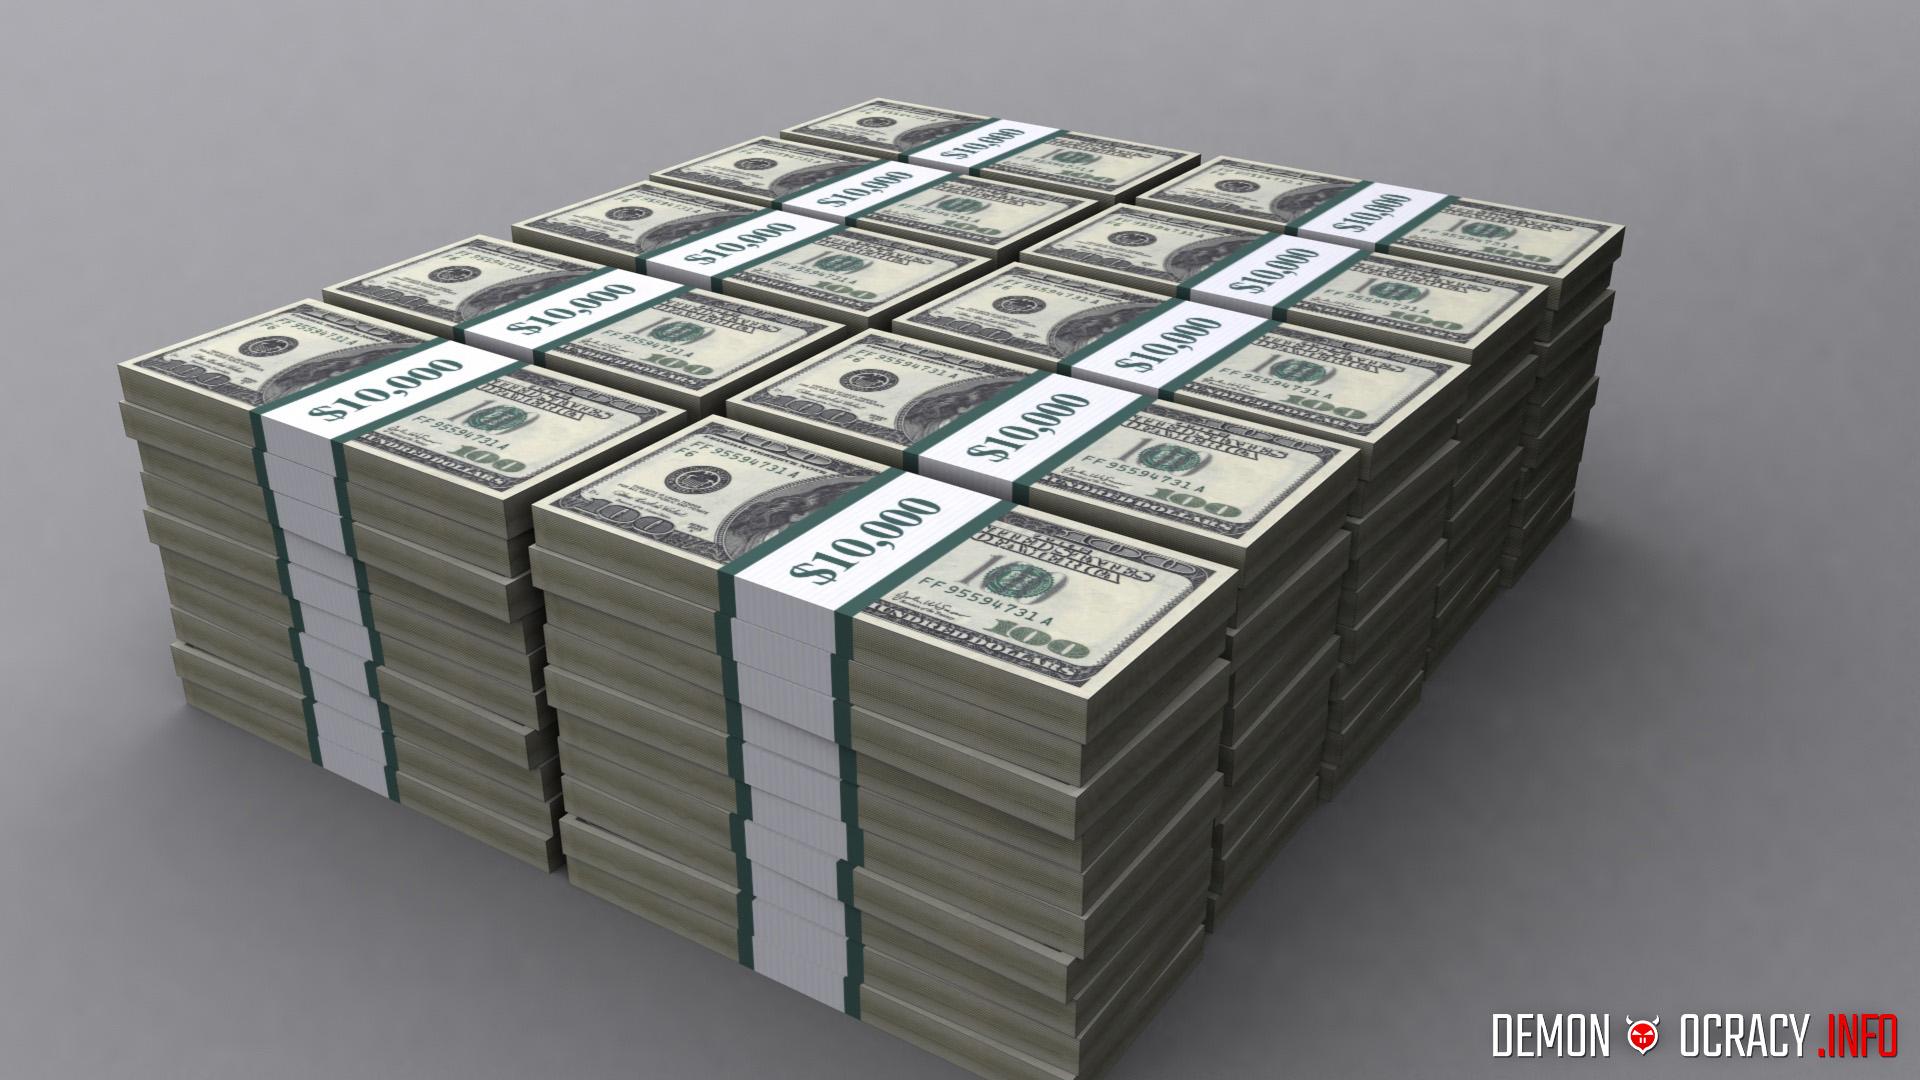 миллиард долларов качественное фото любом ракурсе